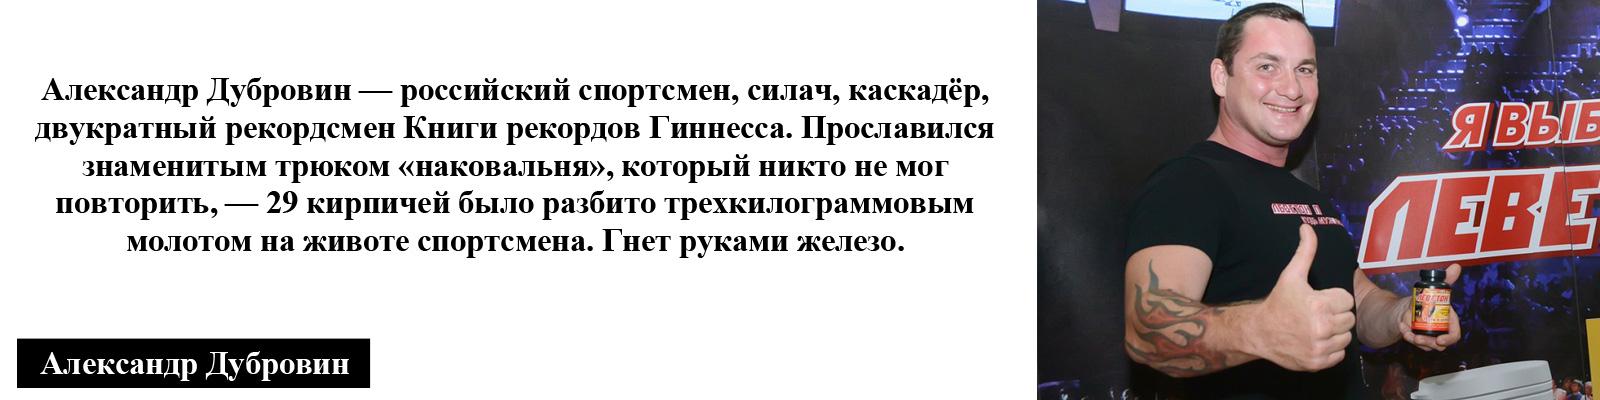 Александр Дубровин - силач, спротсмен